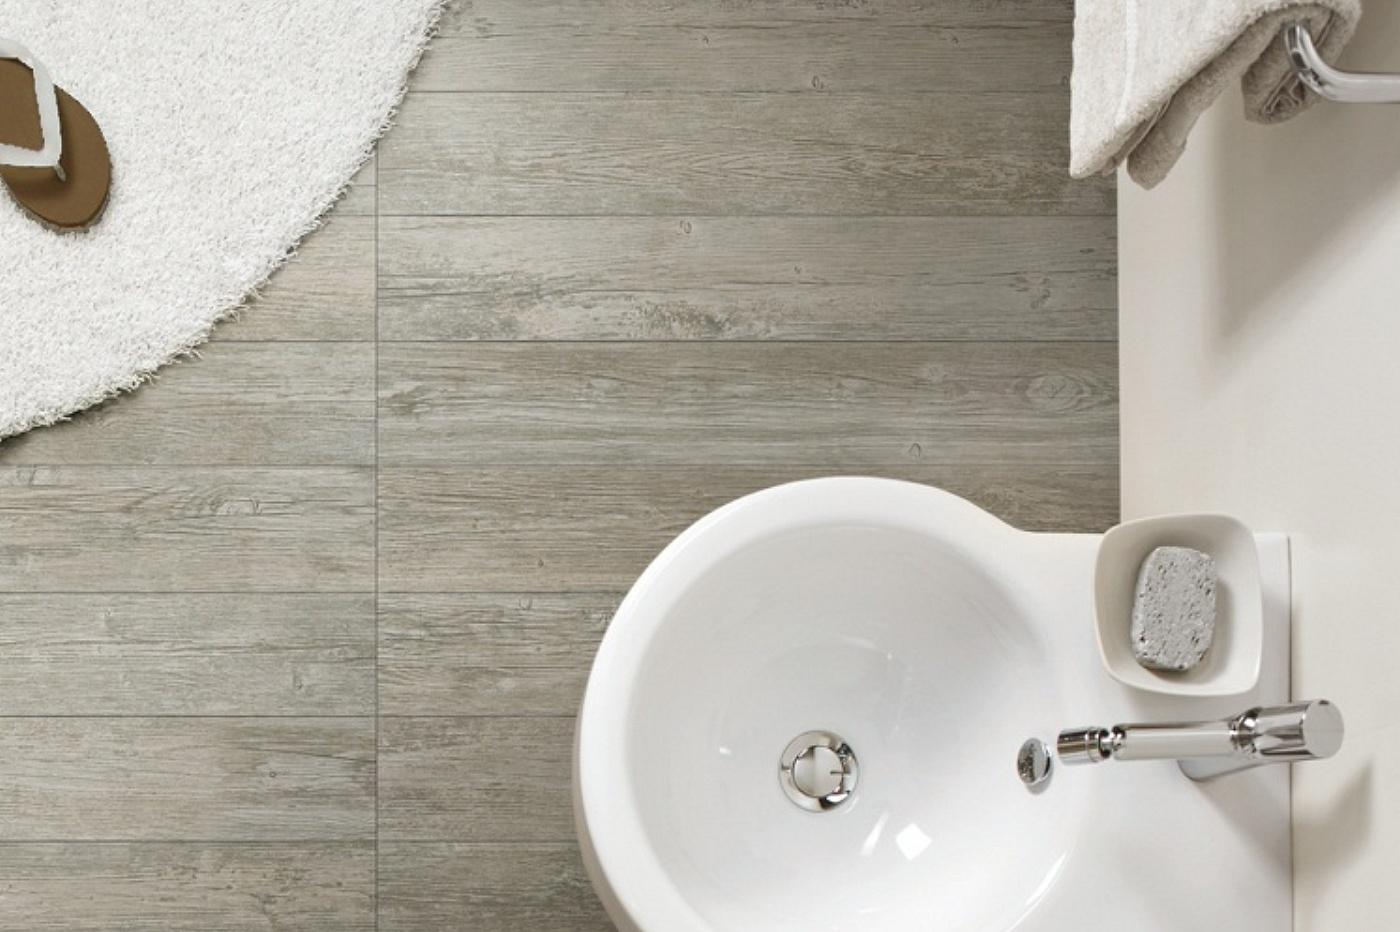 Ceramiche sassuolo sm di sacchi marco gres porcellanato effetto legno prezzi - Bagno pavimento legno ...